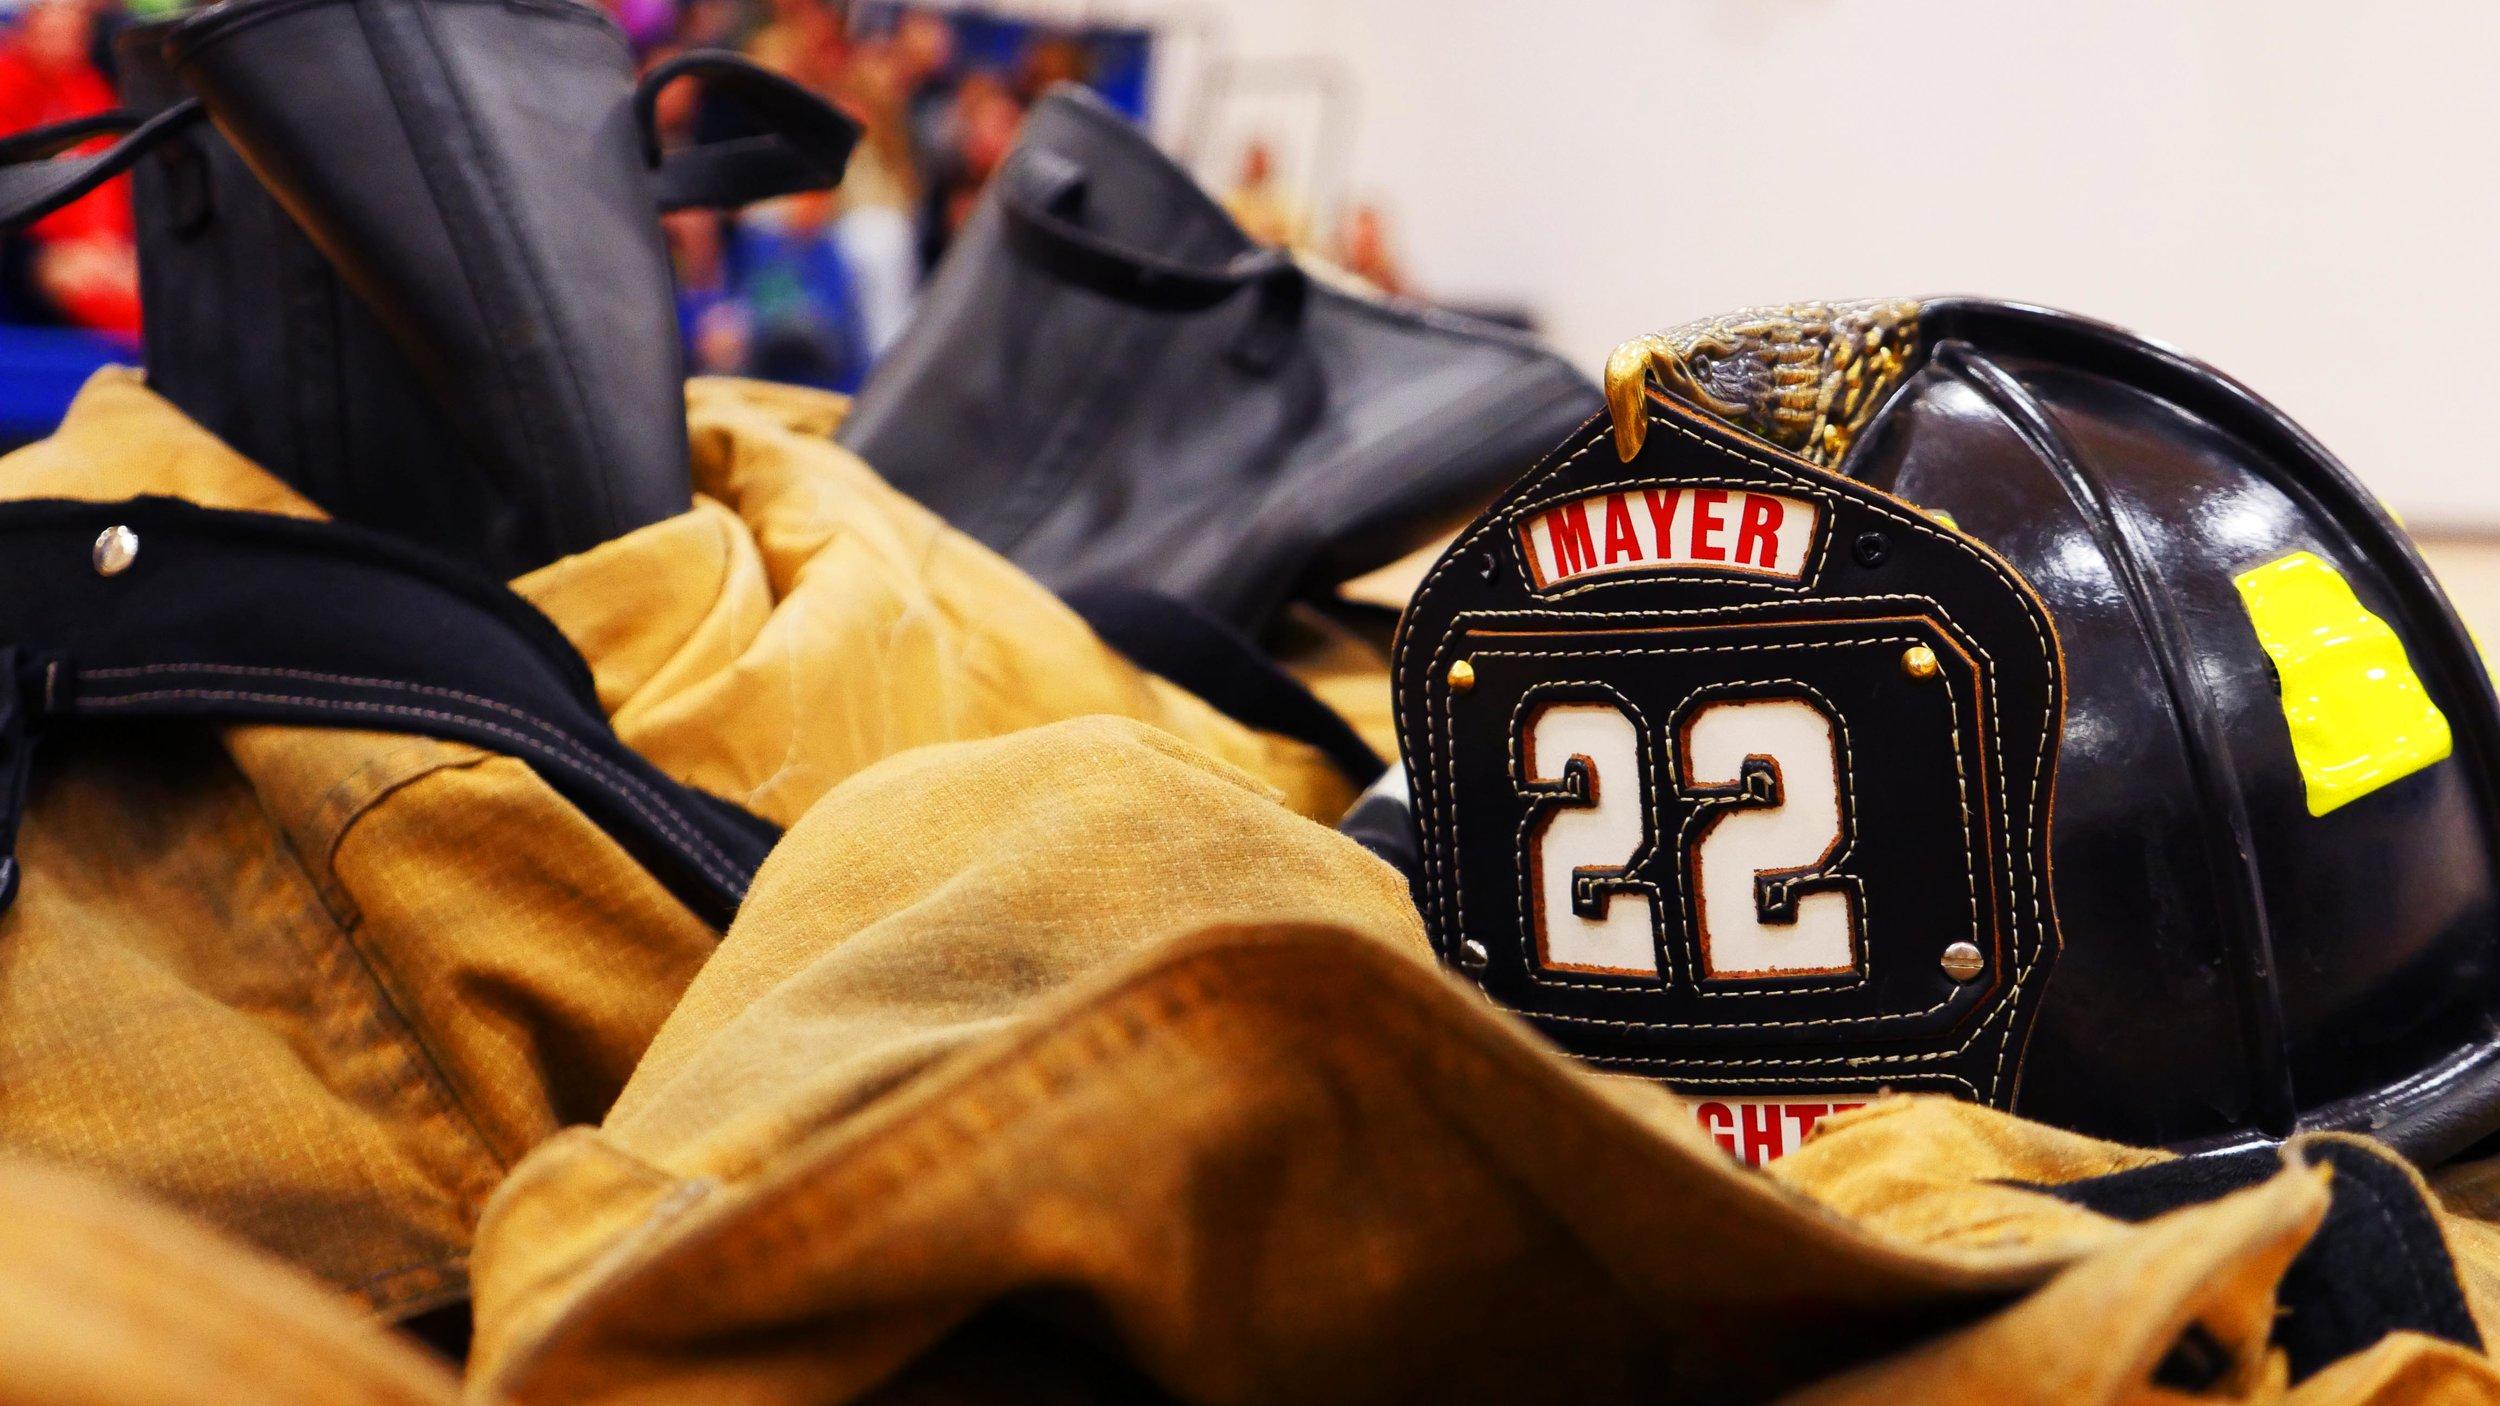 Gear 2 - Mayer Fire - Fire Prevention 2016.jpg